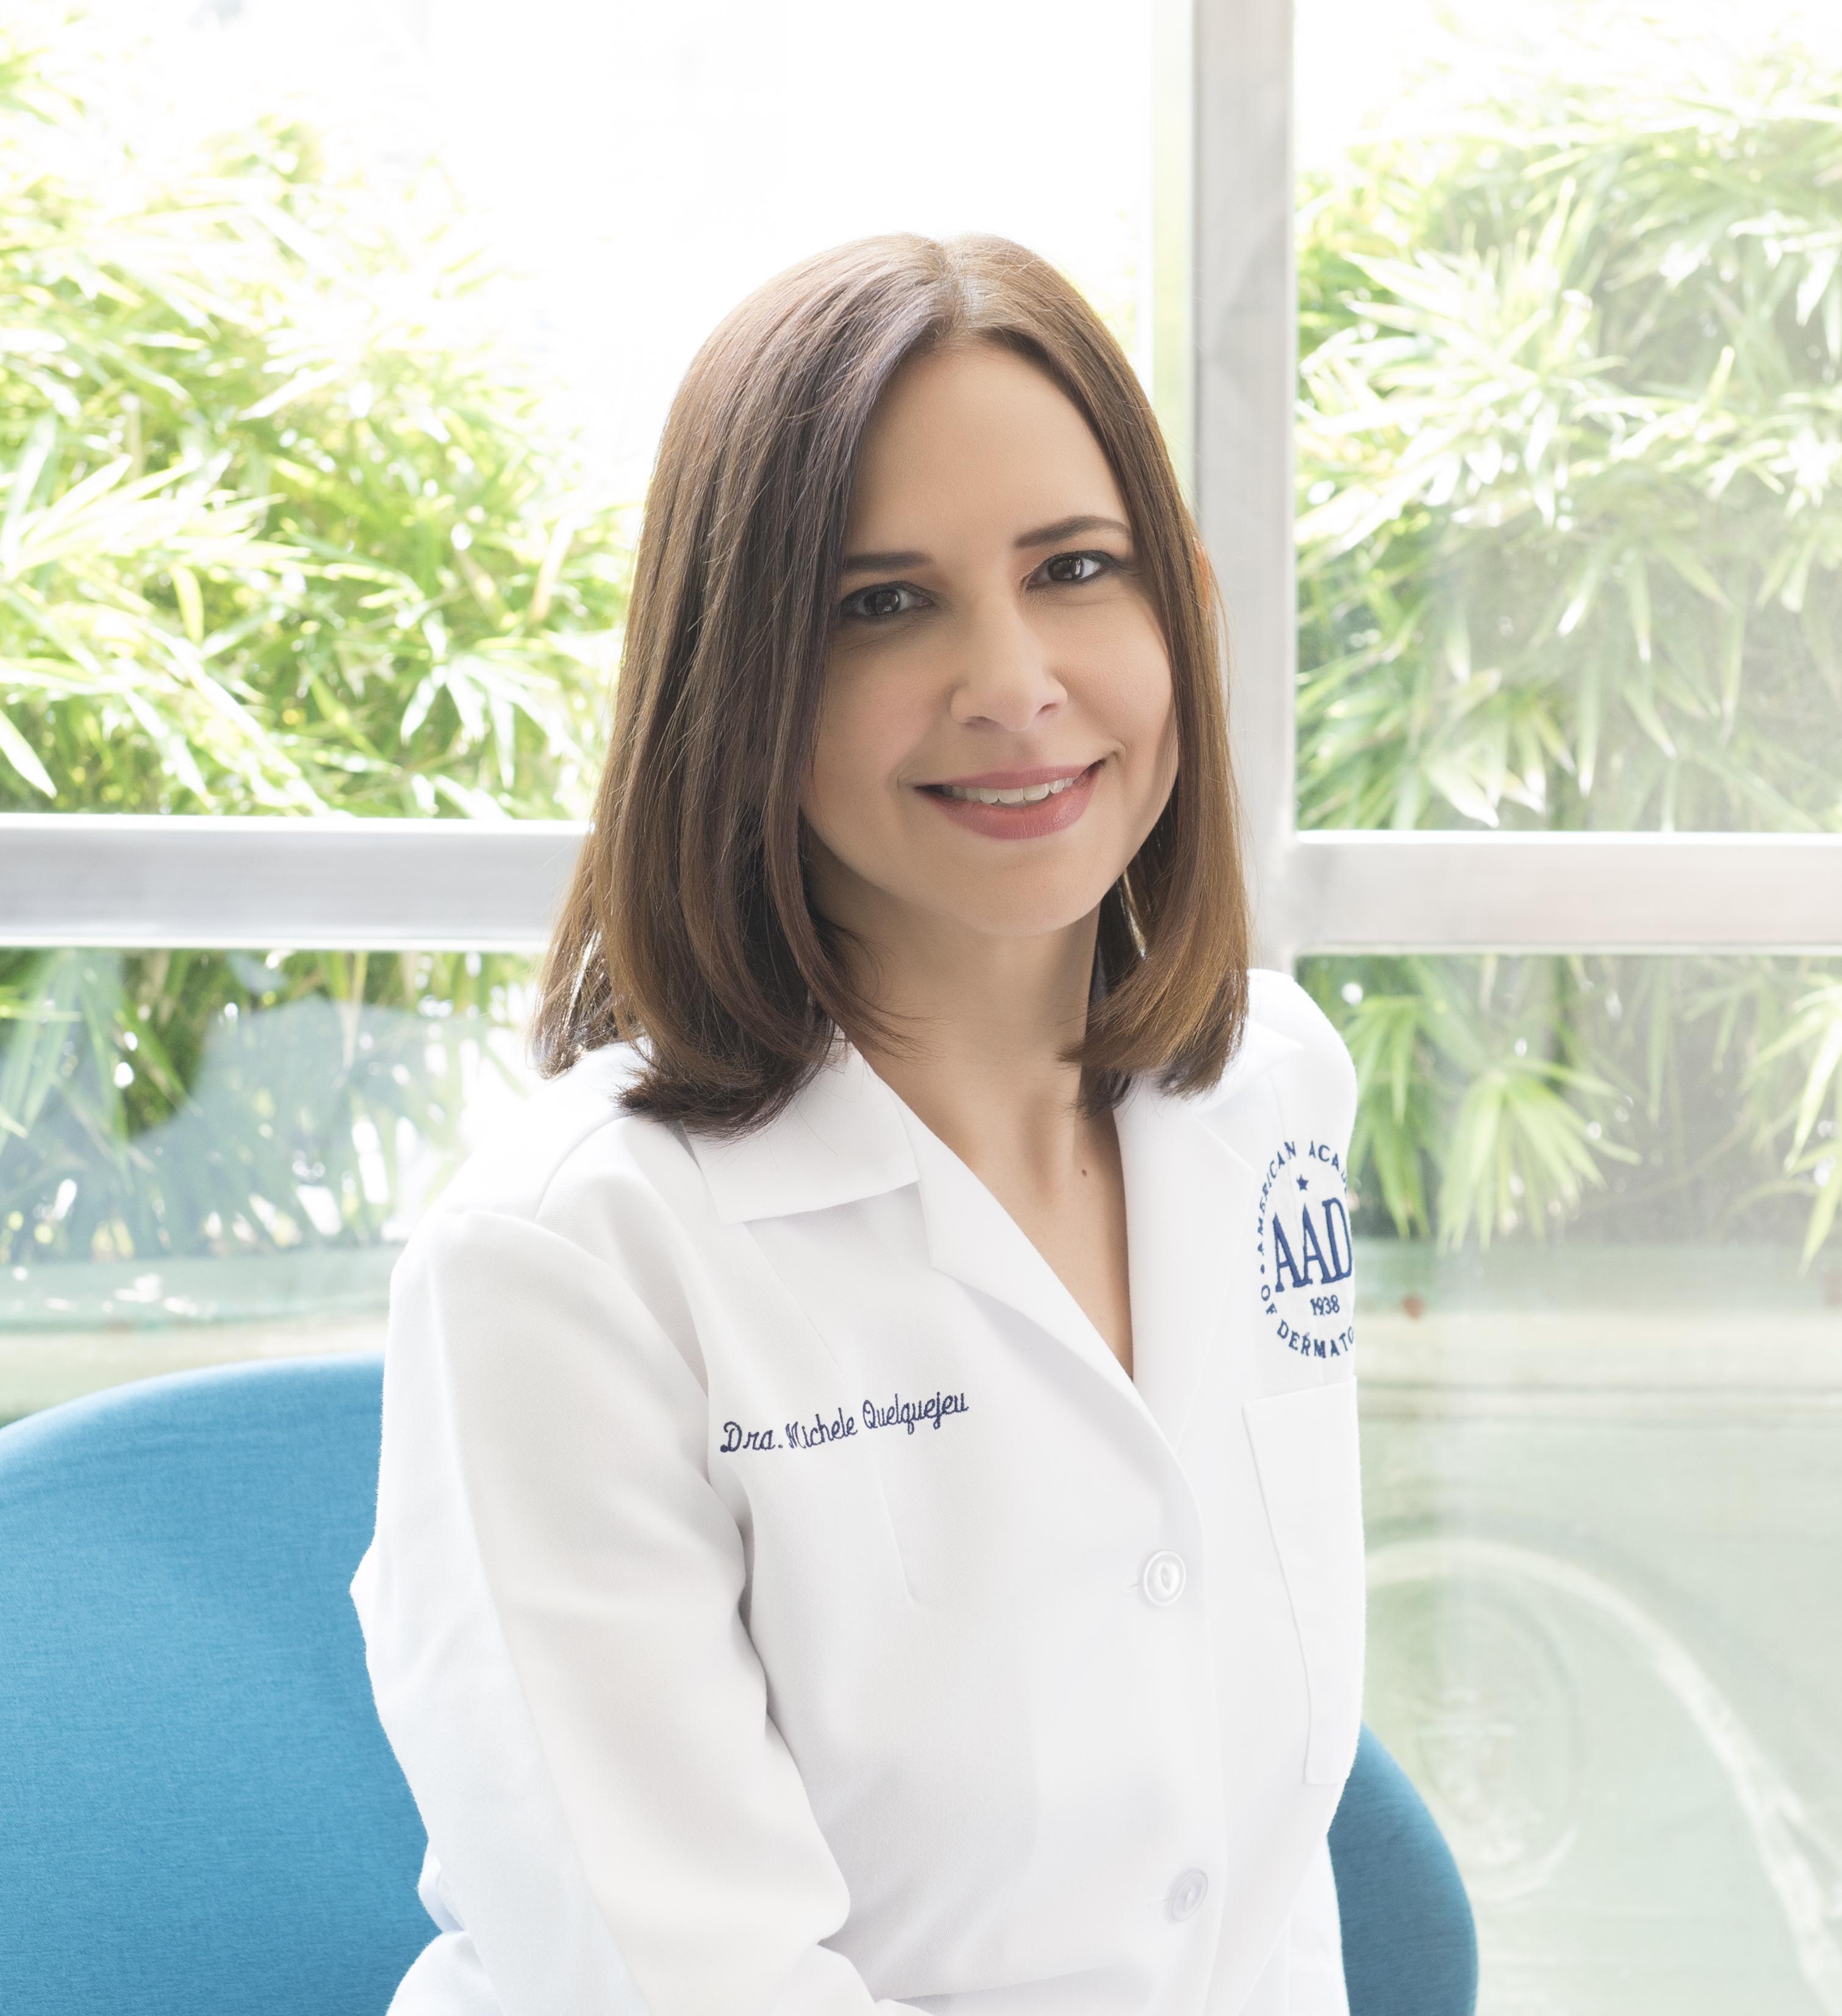 Dra. Michele Quelquejeu